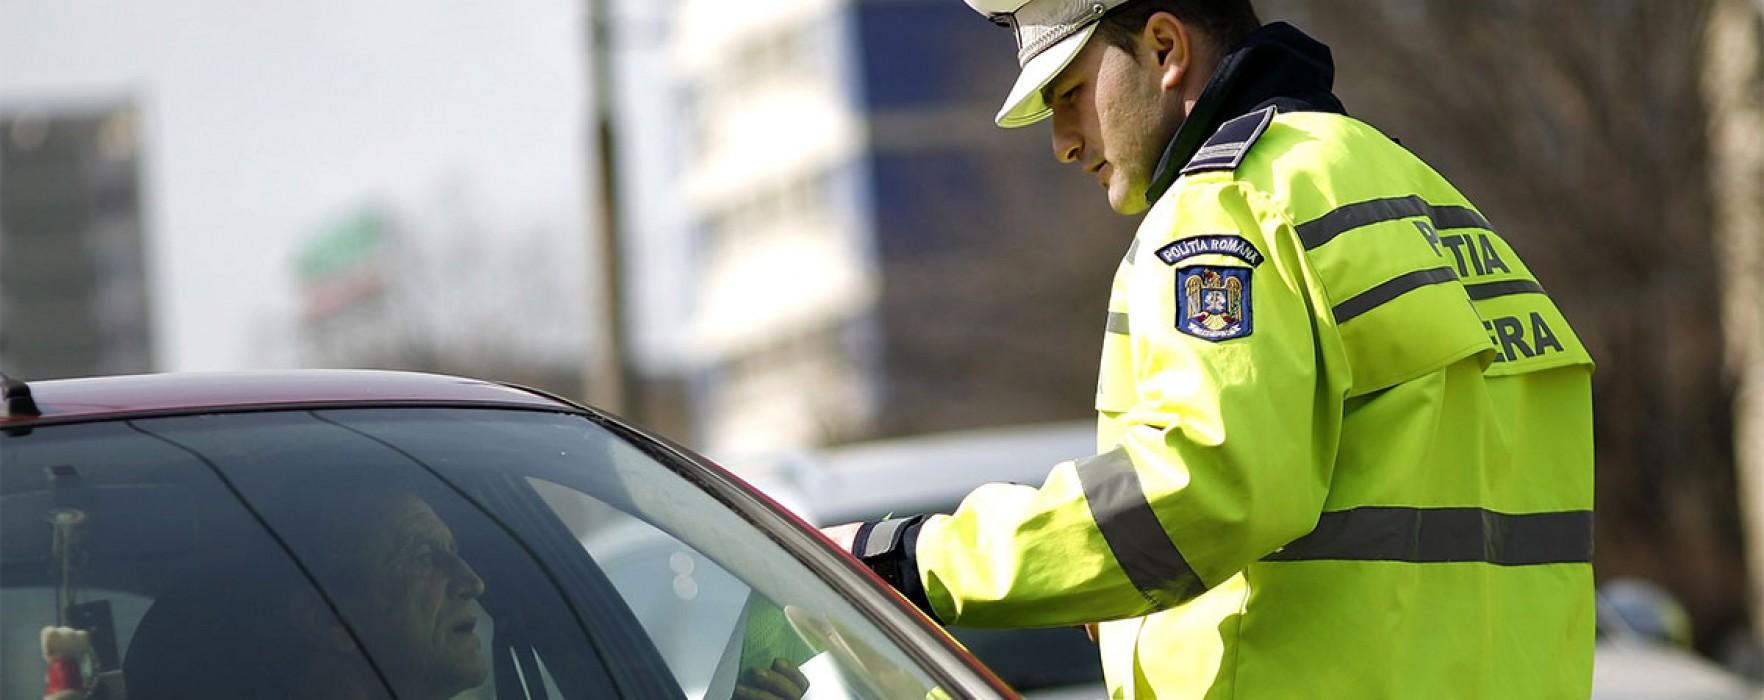 Poliţia Dâmboviţa: 35 de permise de conducere reţinute, de sărbători